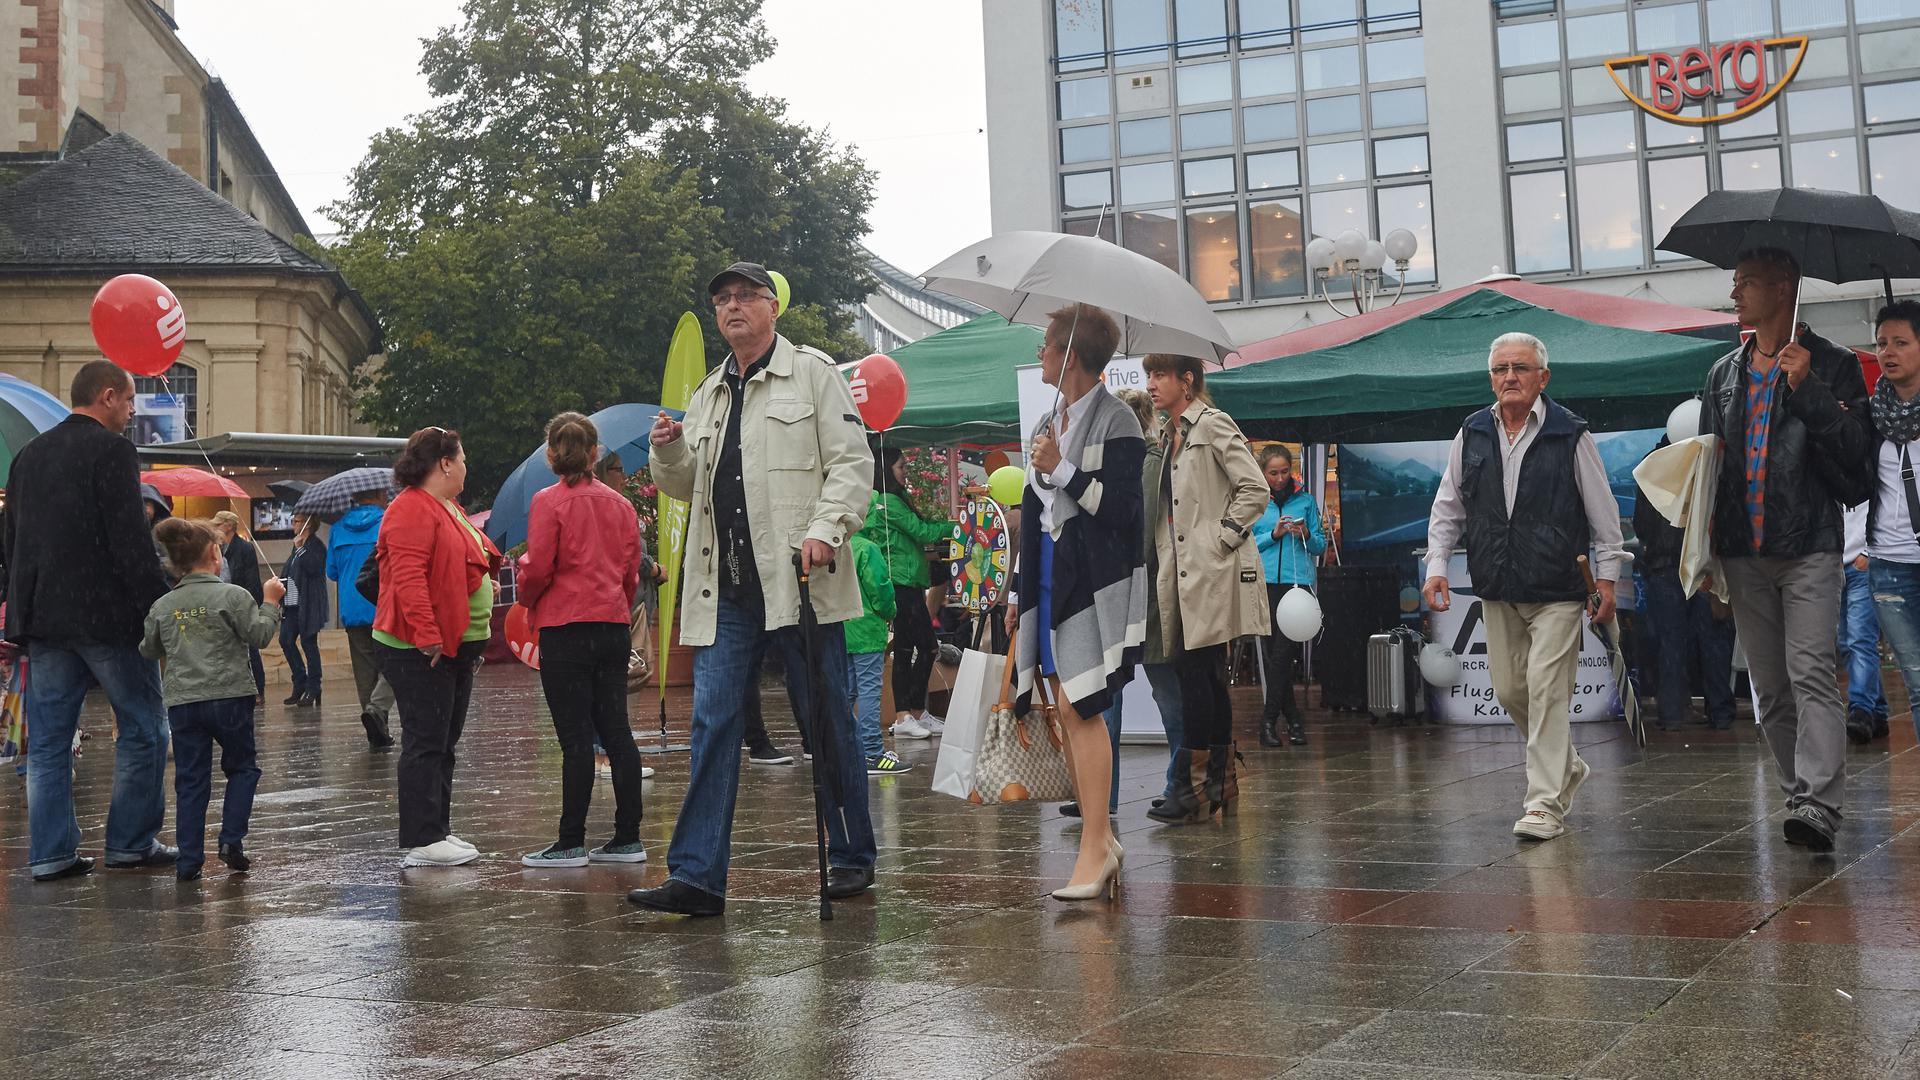 Leute im Regen auf Platz.